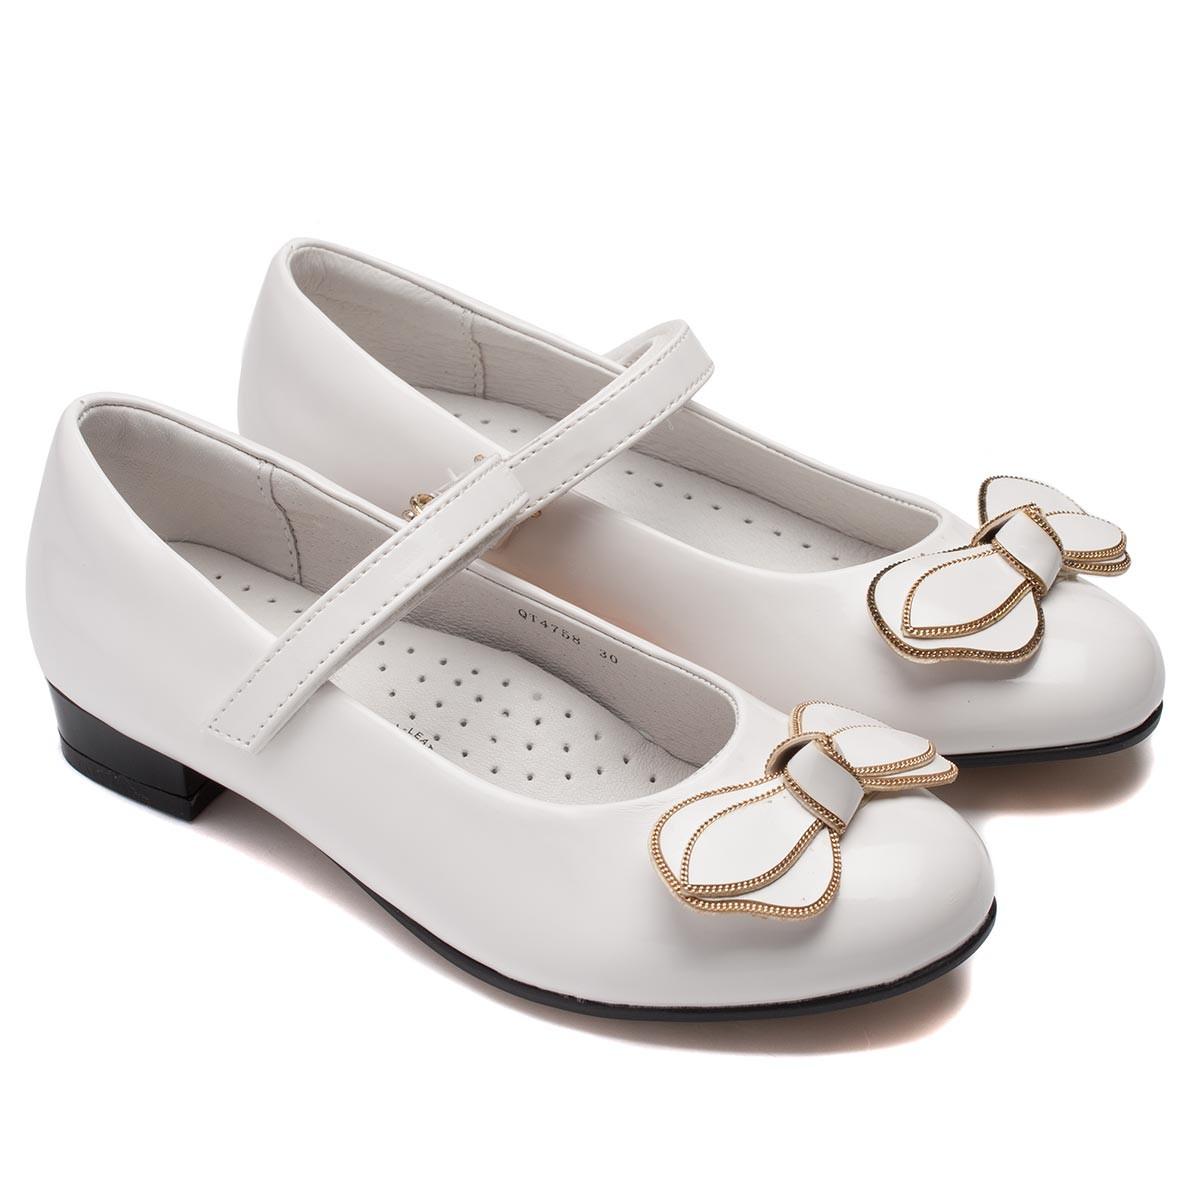 a05525a65 Нарядные школьные туфли Flamingo, белые, для девочек, размер 28-33 ...